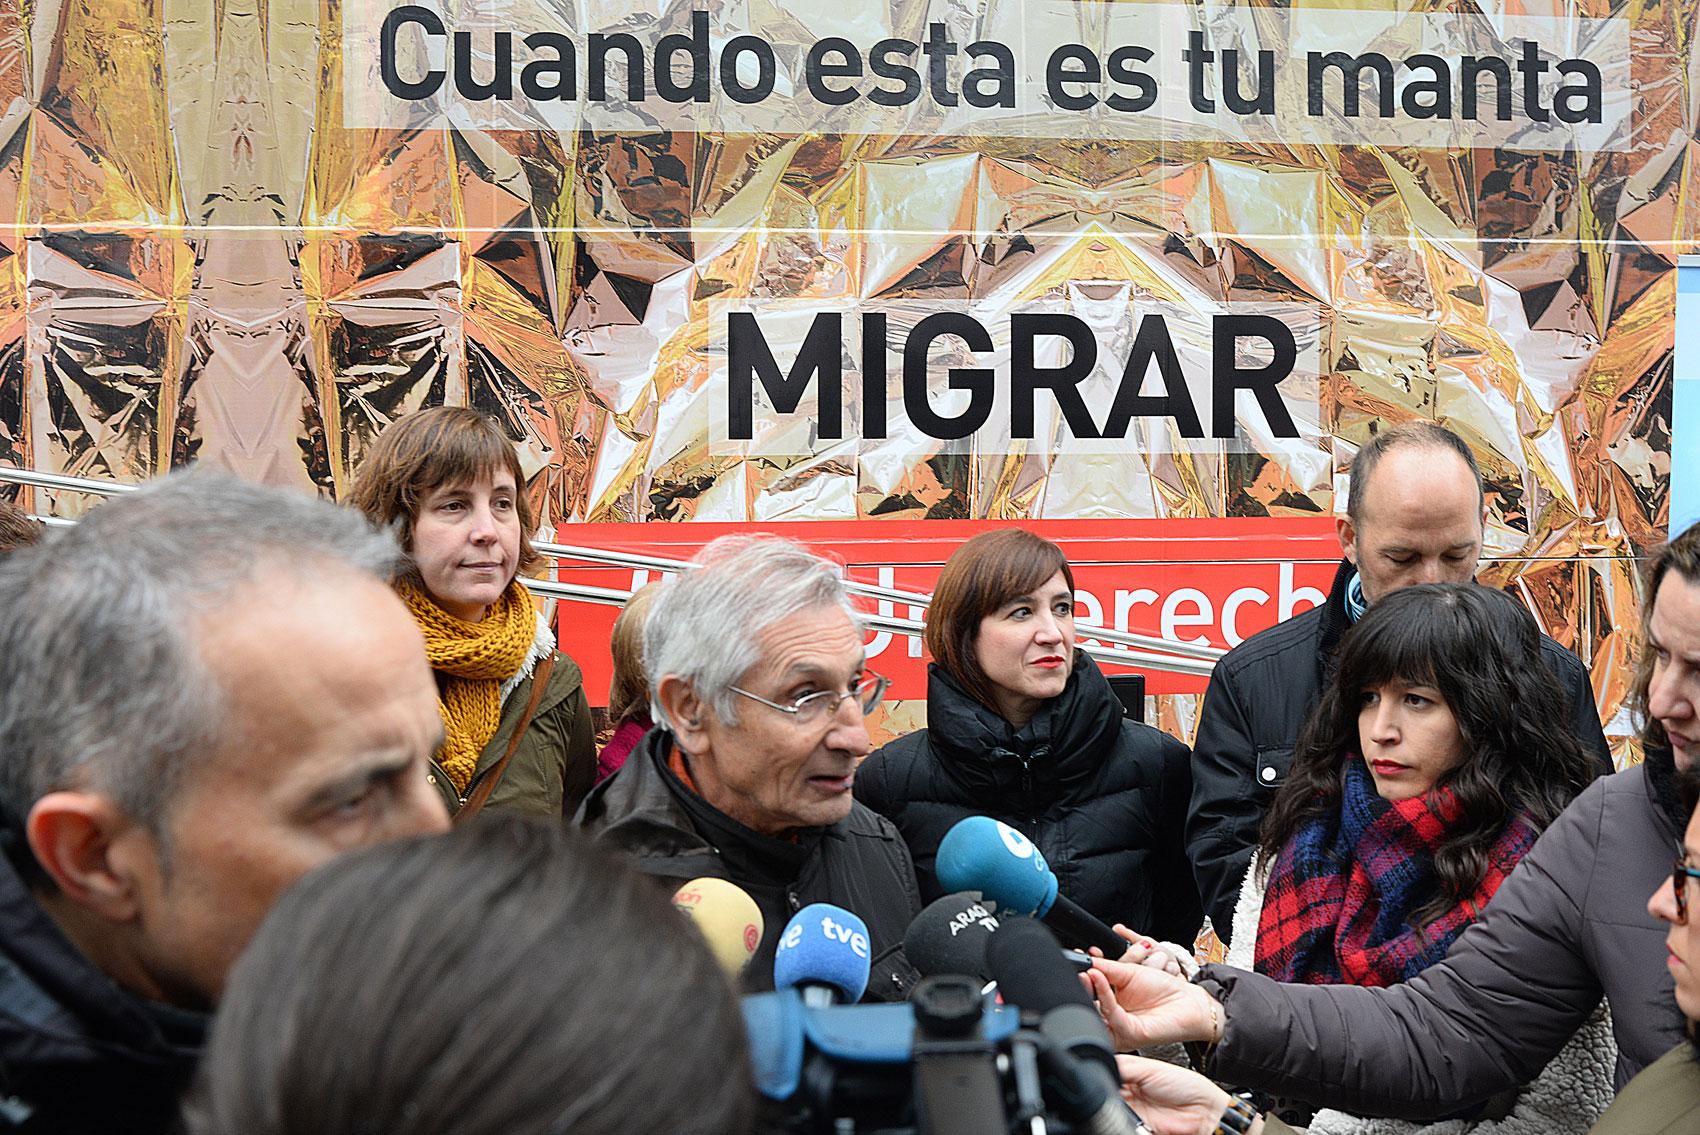 Ricardo Alvarez MIGRAR #EsUnDerecho